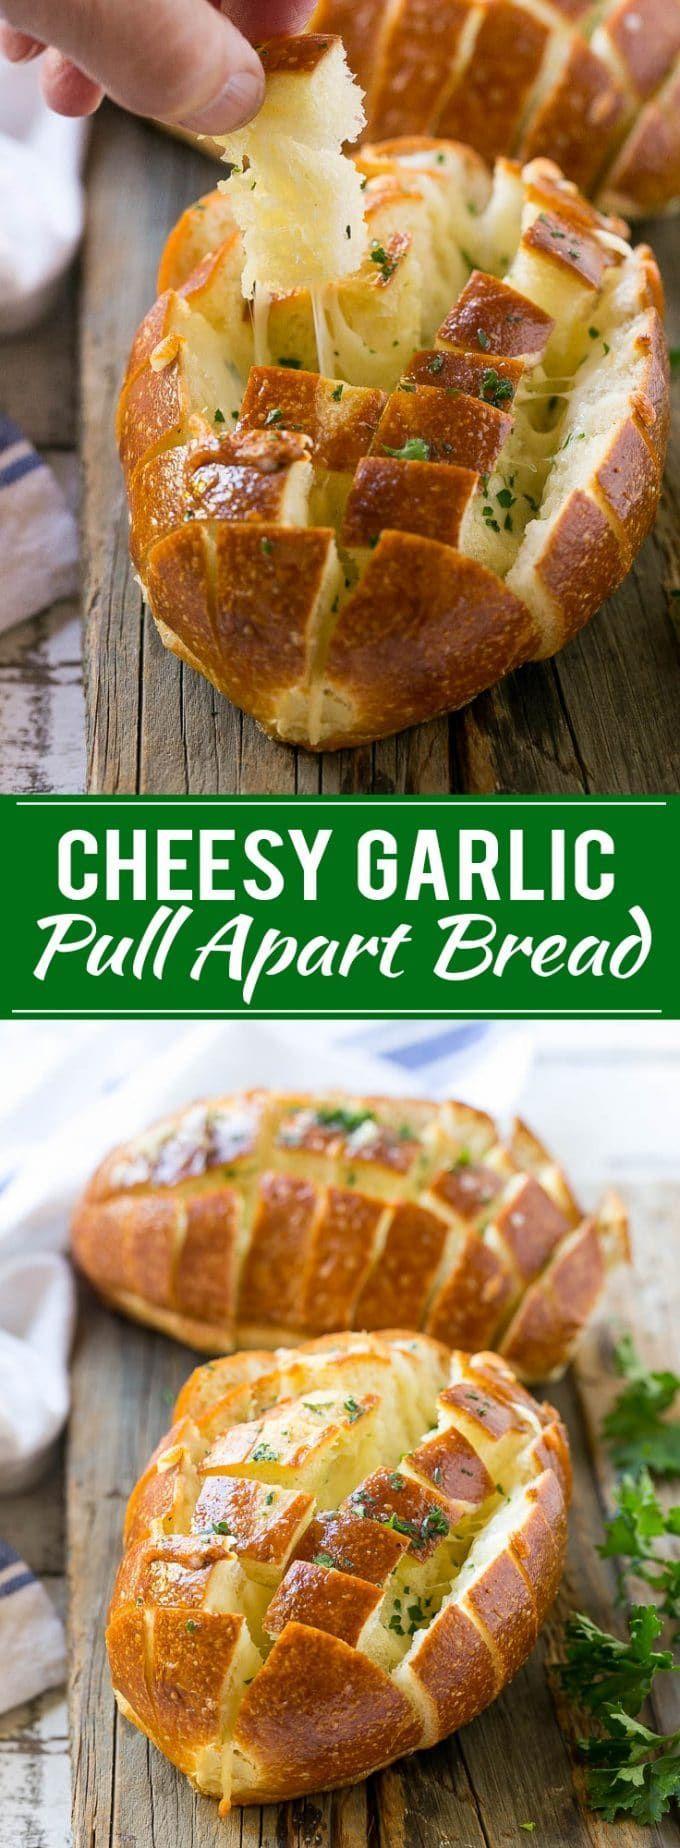 Cheesy Garlic Pull Apart Bread Recipe | Pull Apart Bread | Garlic Bread | Cheesy Bread | Easy Side Dish via @dinneratthezoo